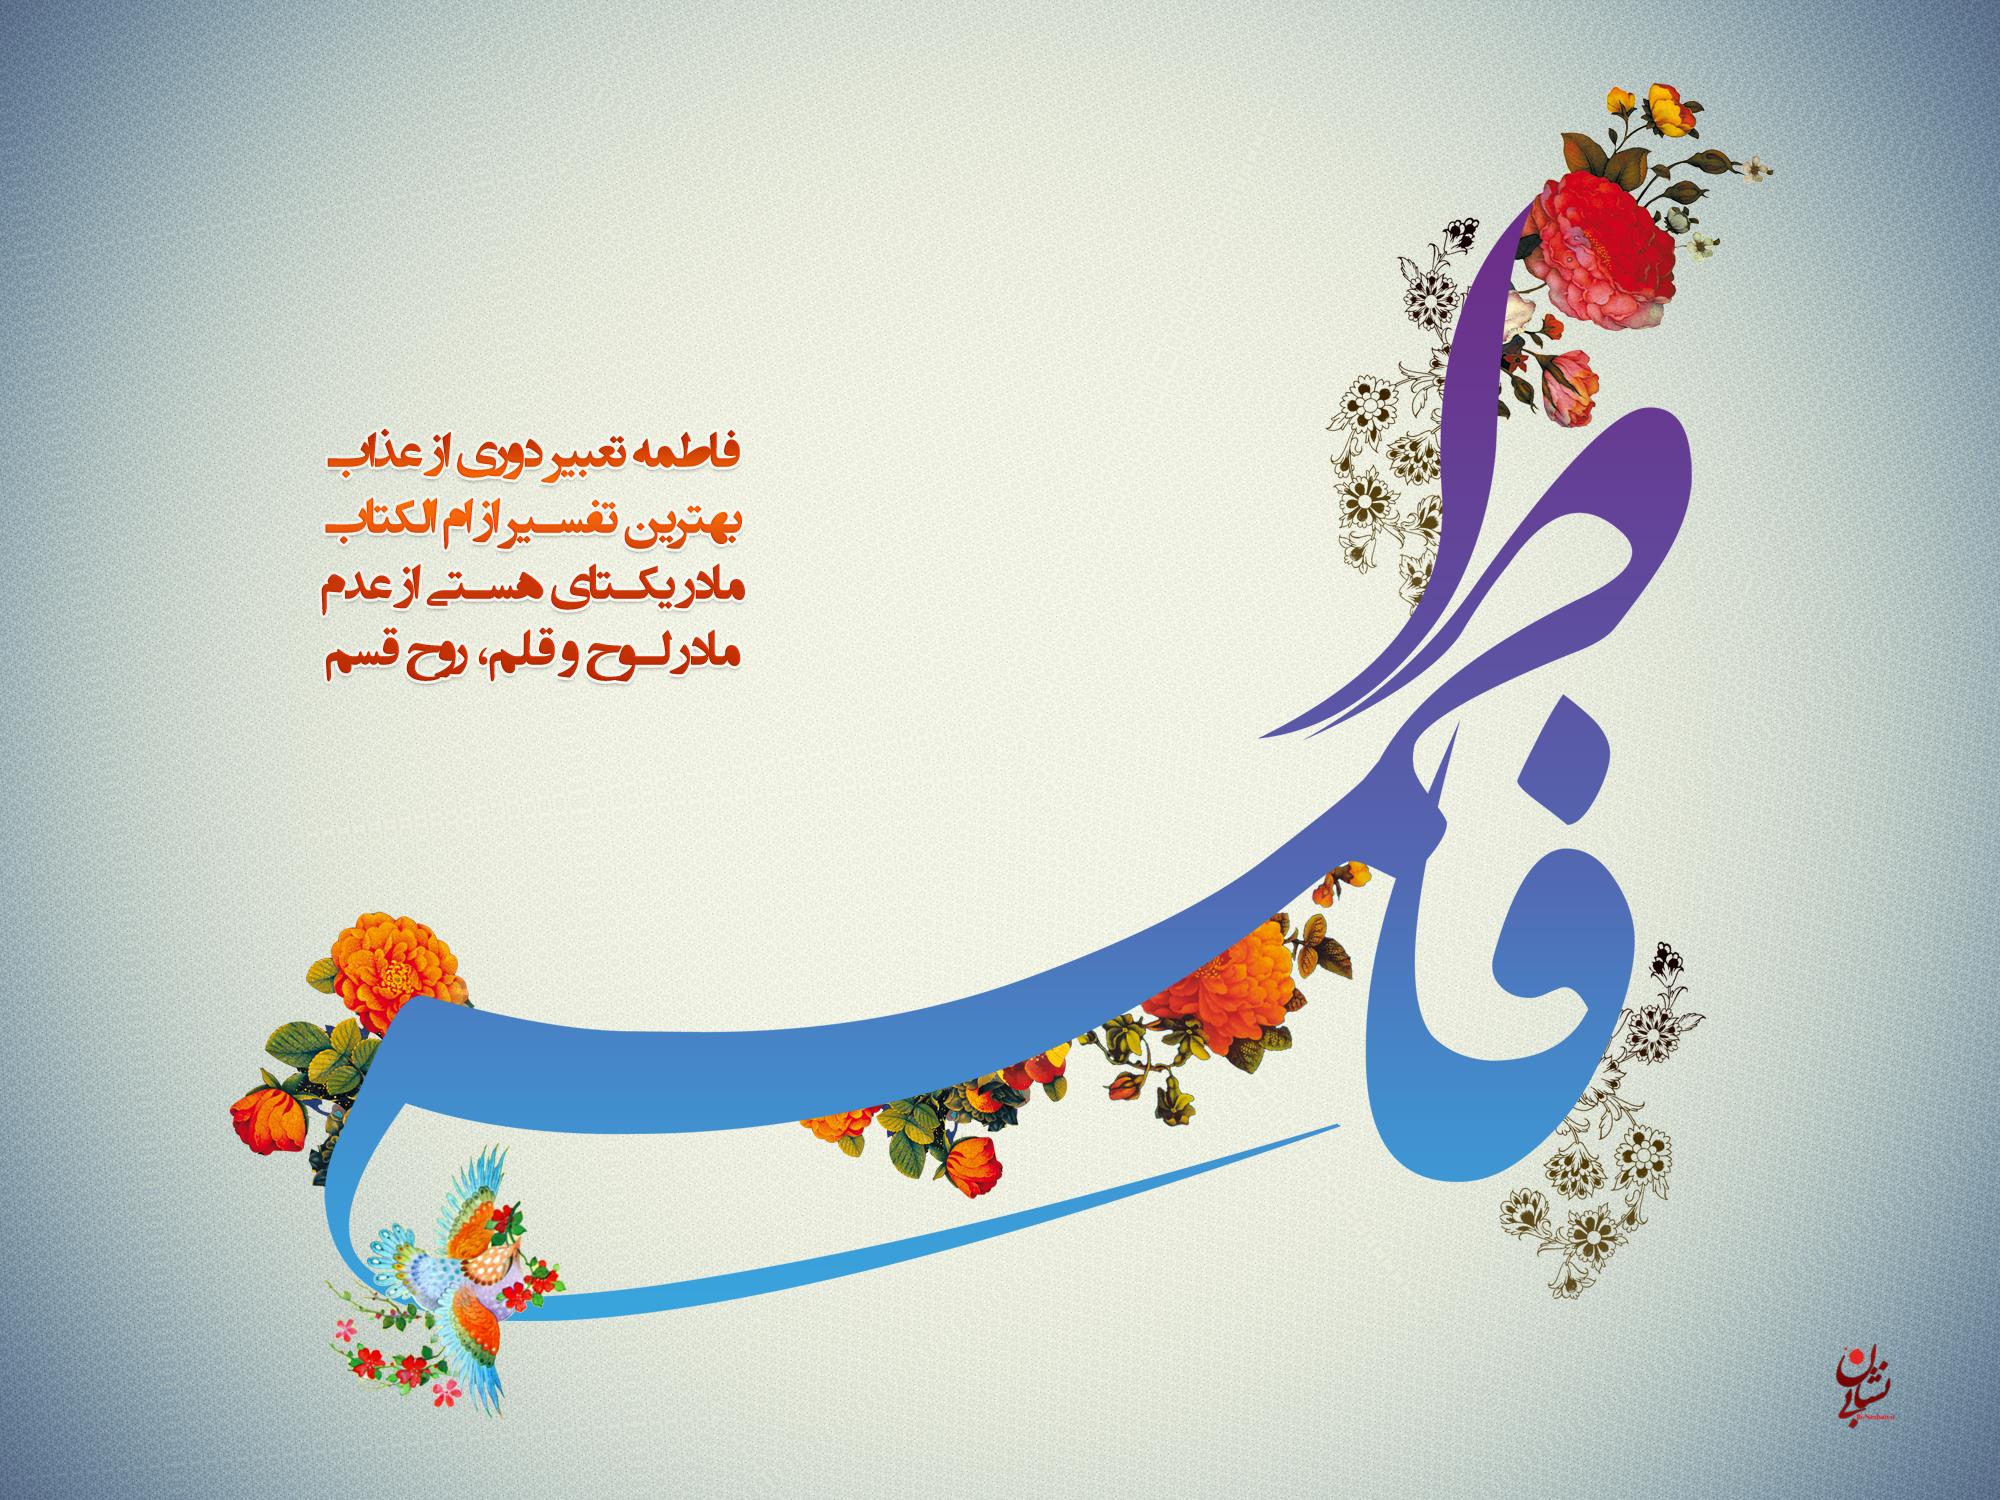 ولادت با سعادت حضرت فاطمه زهرا (س) و روز مادر مبارک باد